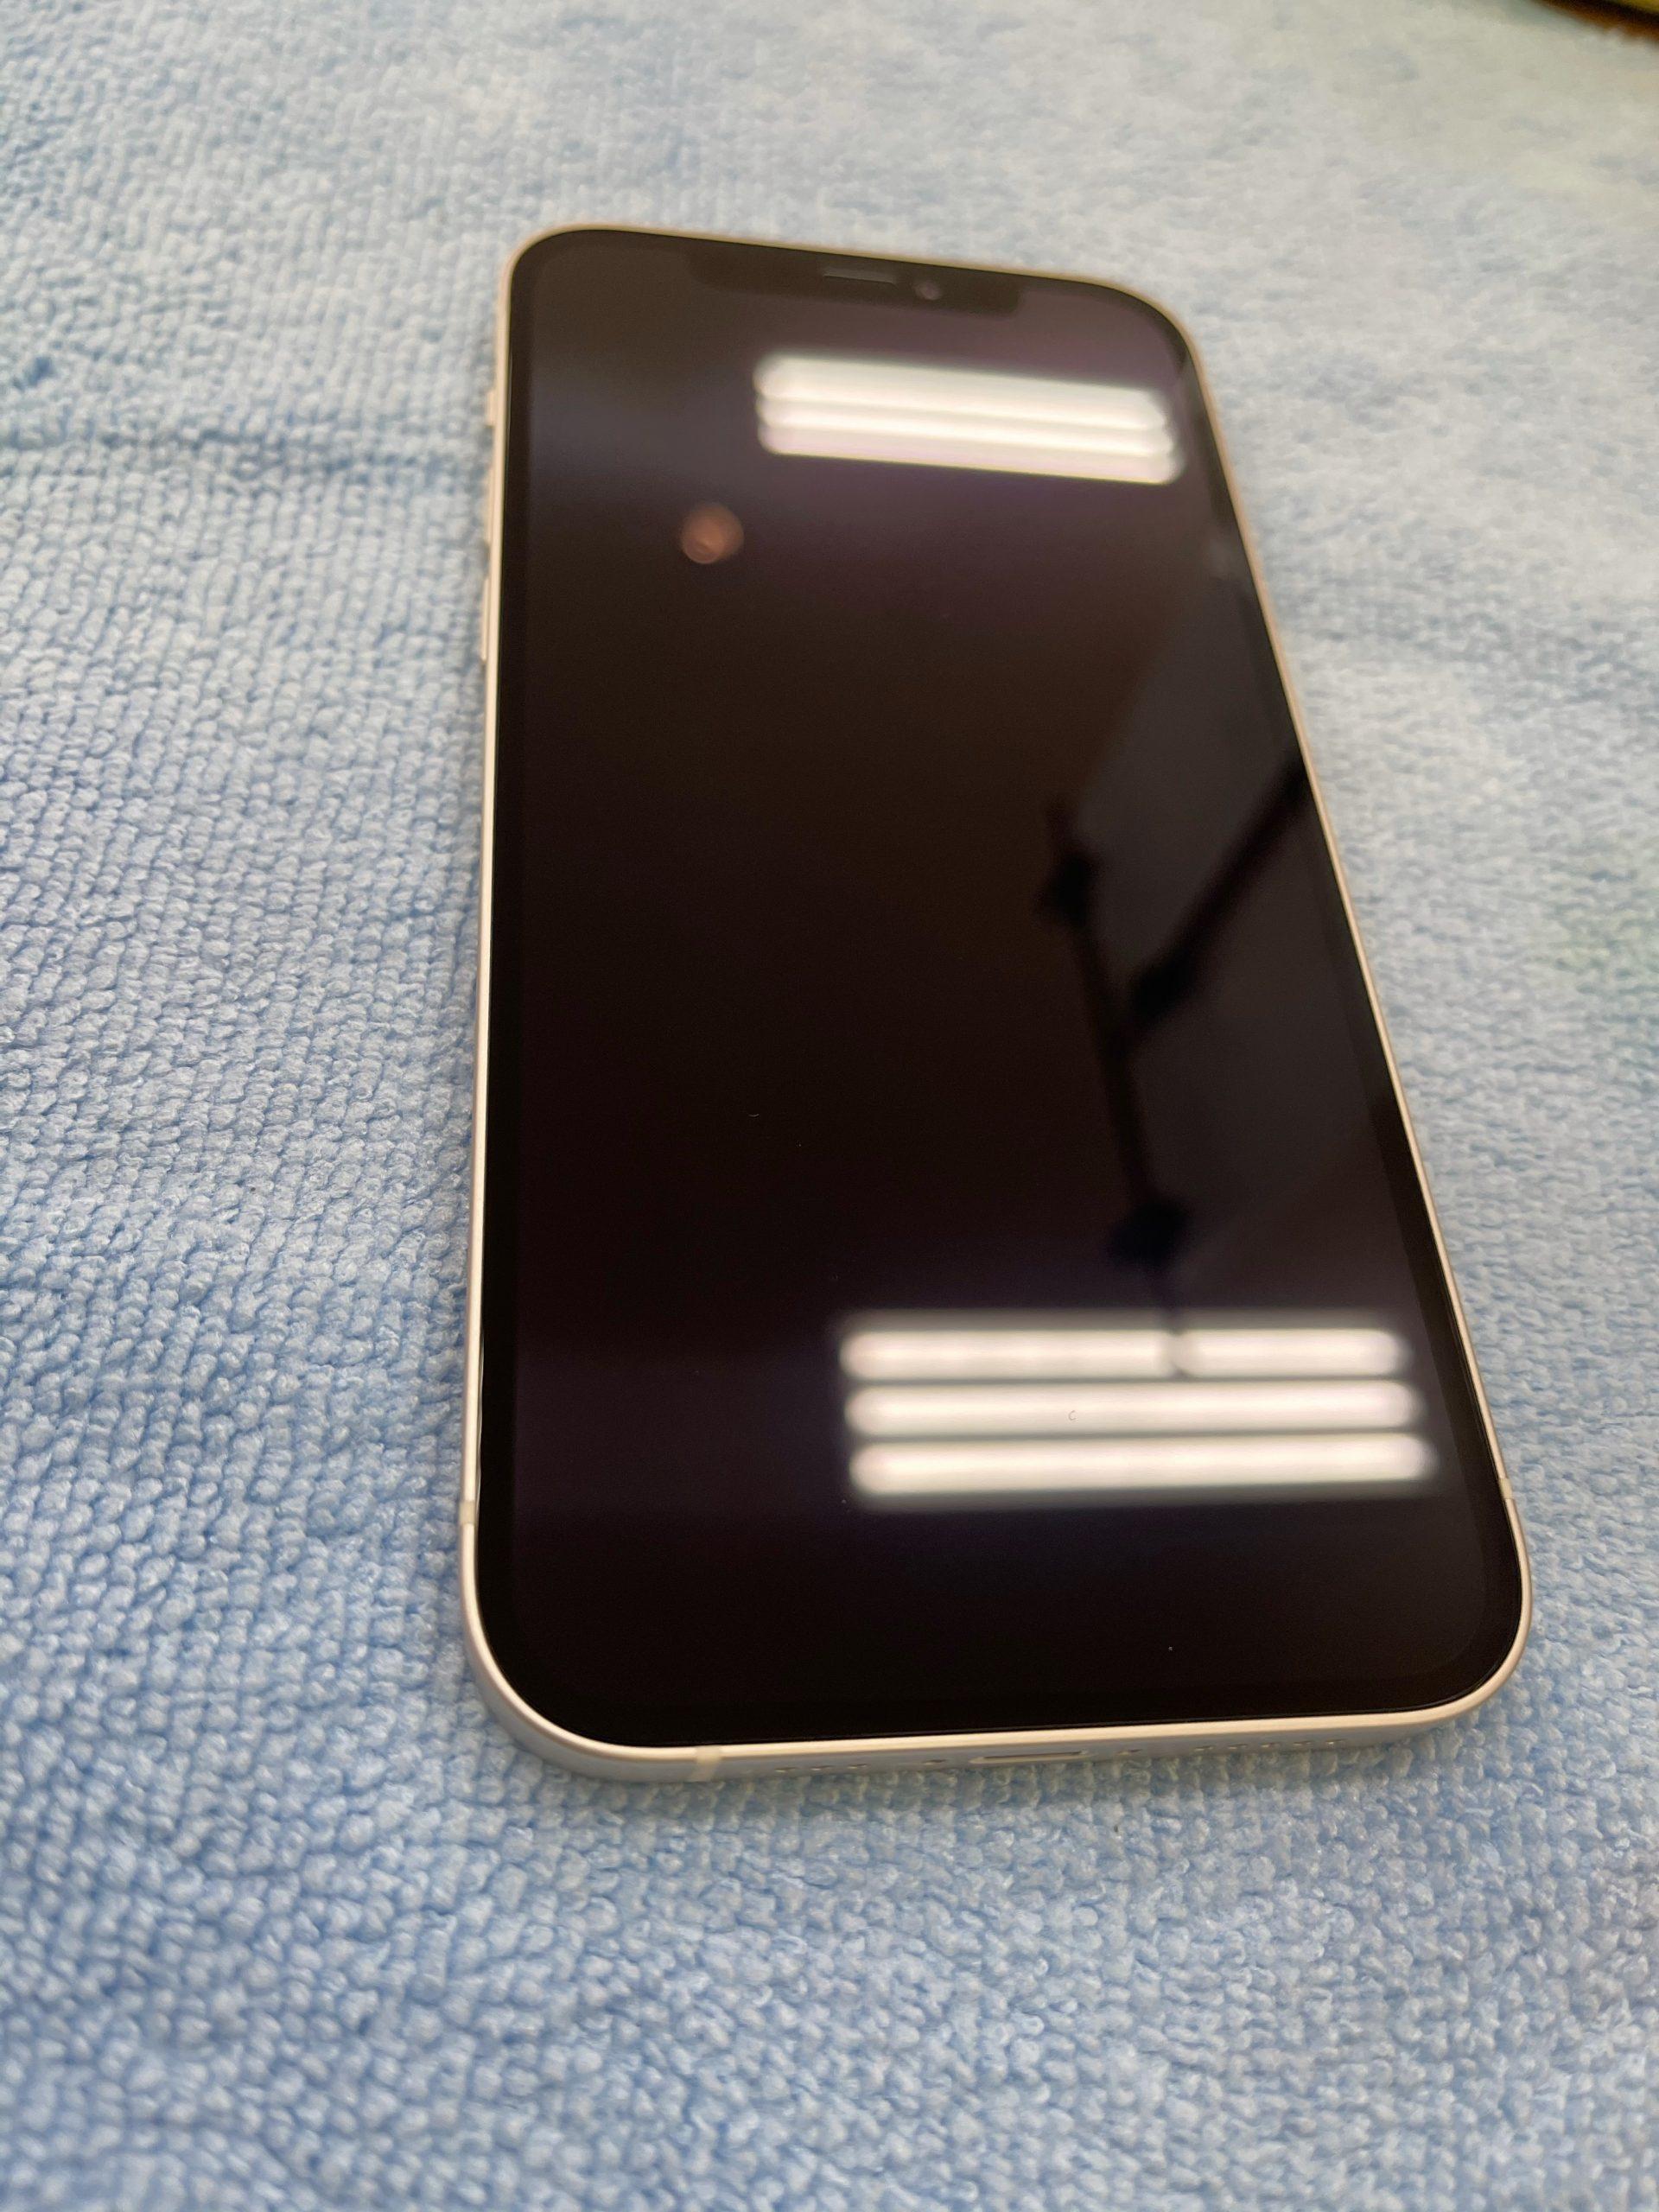 【iPhone12】ガラスコーティングで硬度9H相当に!〈佐賀市よりご来店〉